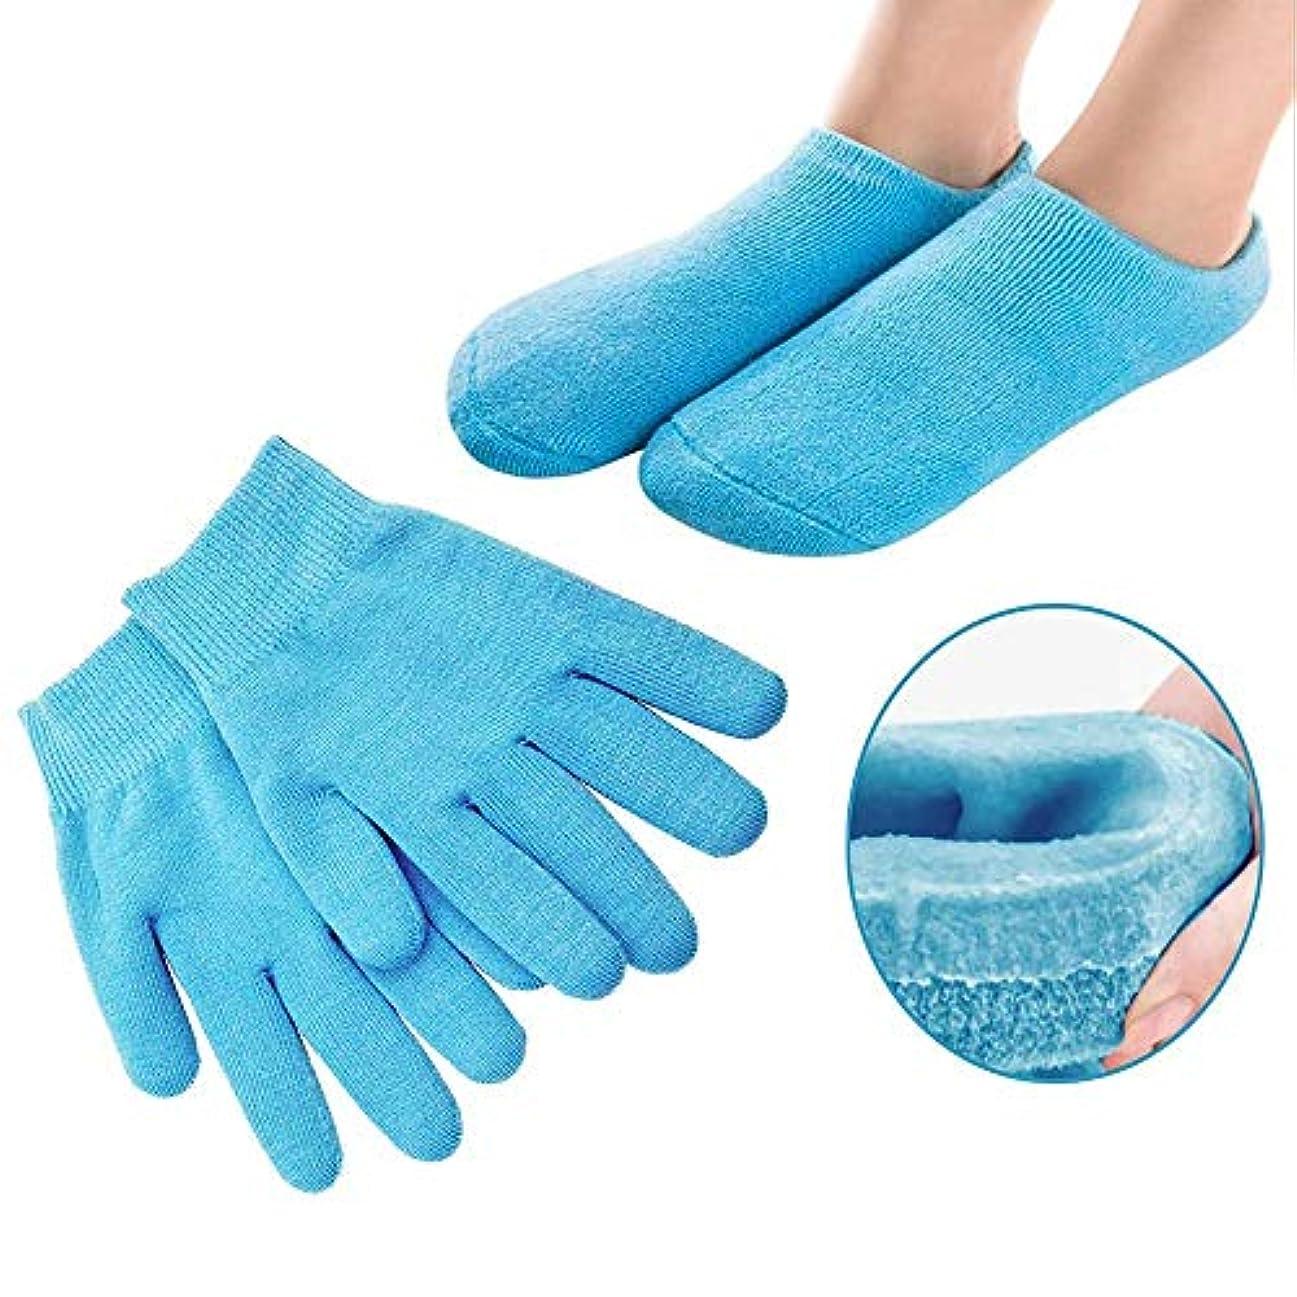 姿勢クレタ適性Pinkiou 眠る森のSPAジェルグローブ+SPAジェルソックス 手アグローブ フットケアソックス 角質取り 保湿 かかとケア オープントゥ 素肌美人 靴下と手袋セット いいお肌になりましょう(ブルー)